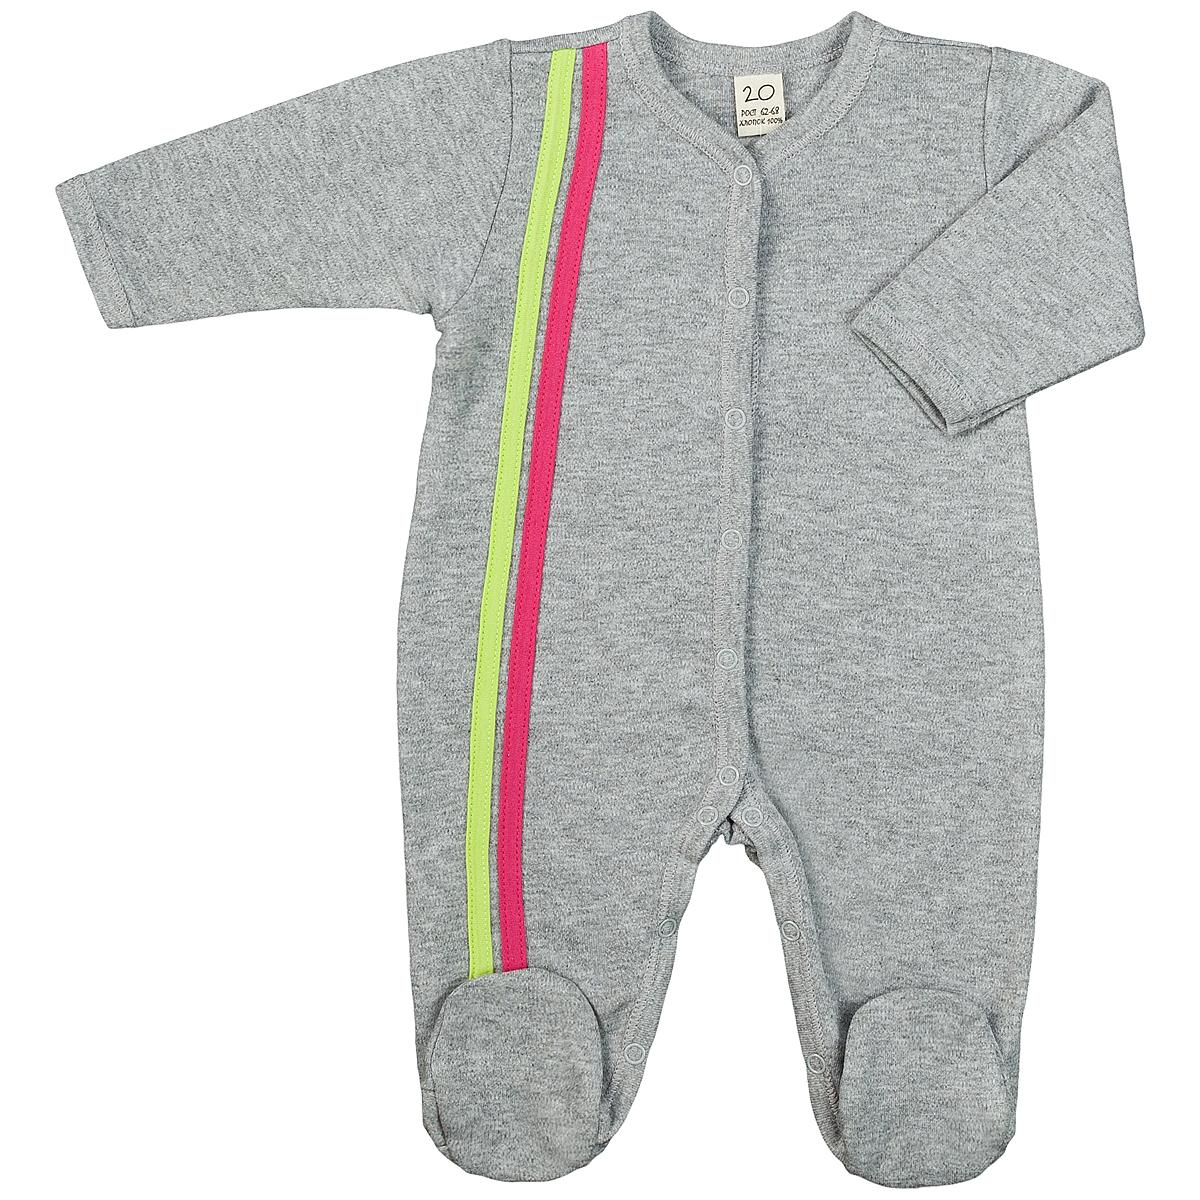 1-1Детский комбинезон Lucky Child - очень удобный и практичный вид одежды для малышей. Комбинезон выполнен из интерлока - натурального хлопка, благодаря чему он необычайно мягкий и приятный на ощупь, не раздражают нежную кожу ребенка и хорошо вентилируются, а эластичные швы приятны телу малыша и не препятствуют его движениям. Комбинезон с длинными рукавами и закрытыми ножками имеет застежки-кнопки от горловины до щиколоток, которые помогают легко переодеть младенца или сменить подгузник. Отделкой служат лампасы контрастного цвета по боковому шву. С детским комбинезоном Lucky Child спинка и ножки вашего малыша всегда будут в тепле, он идеален для использования днем и незаменим ночью. Комбинезон полностью соответствует особенностям жизни младенца в ранний период, не стесняя и не ограничивая его в движениях!